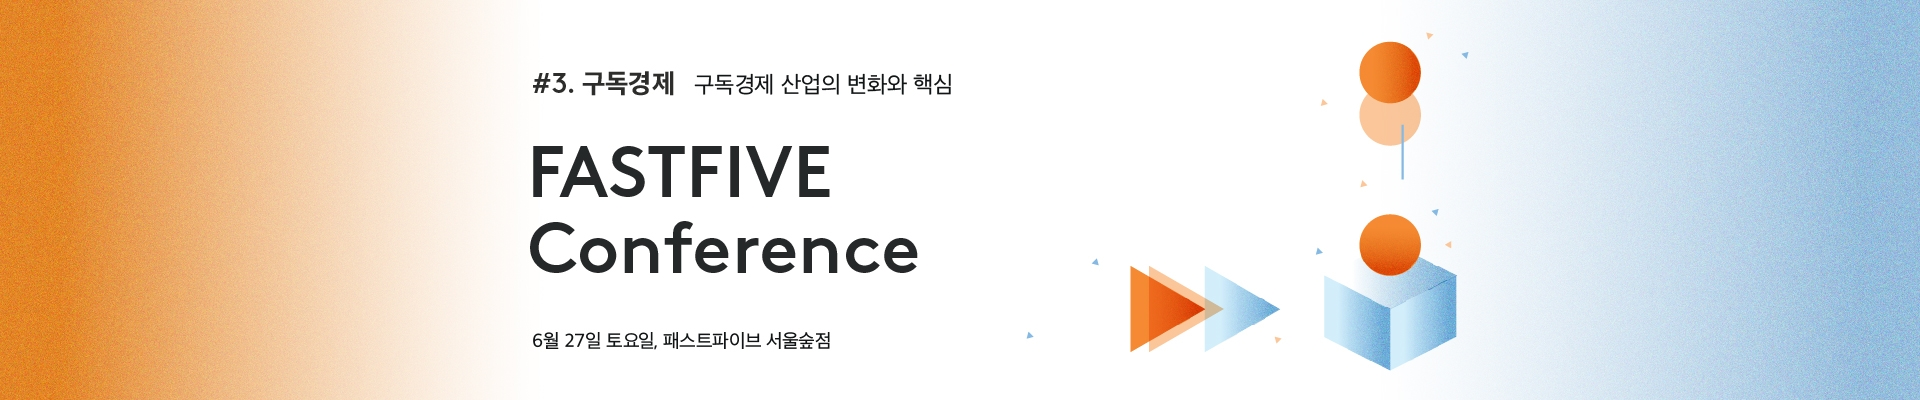 이벤터스_구독경제 산업의 변화와 핵심 - FASTFIVE Conference